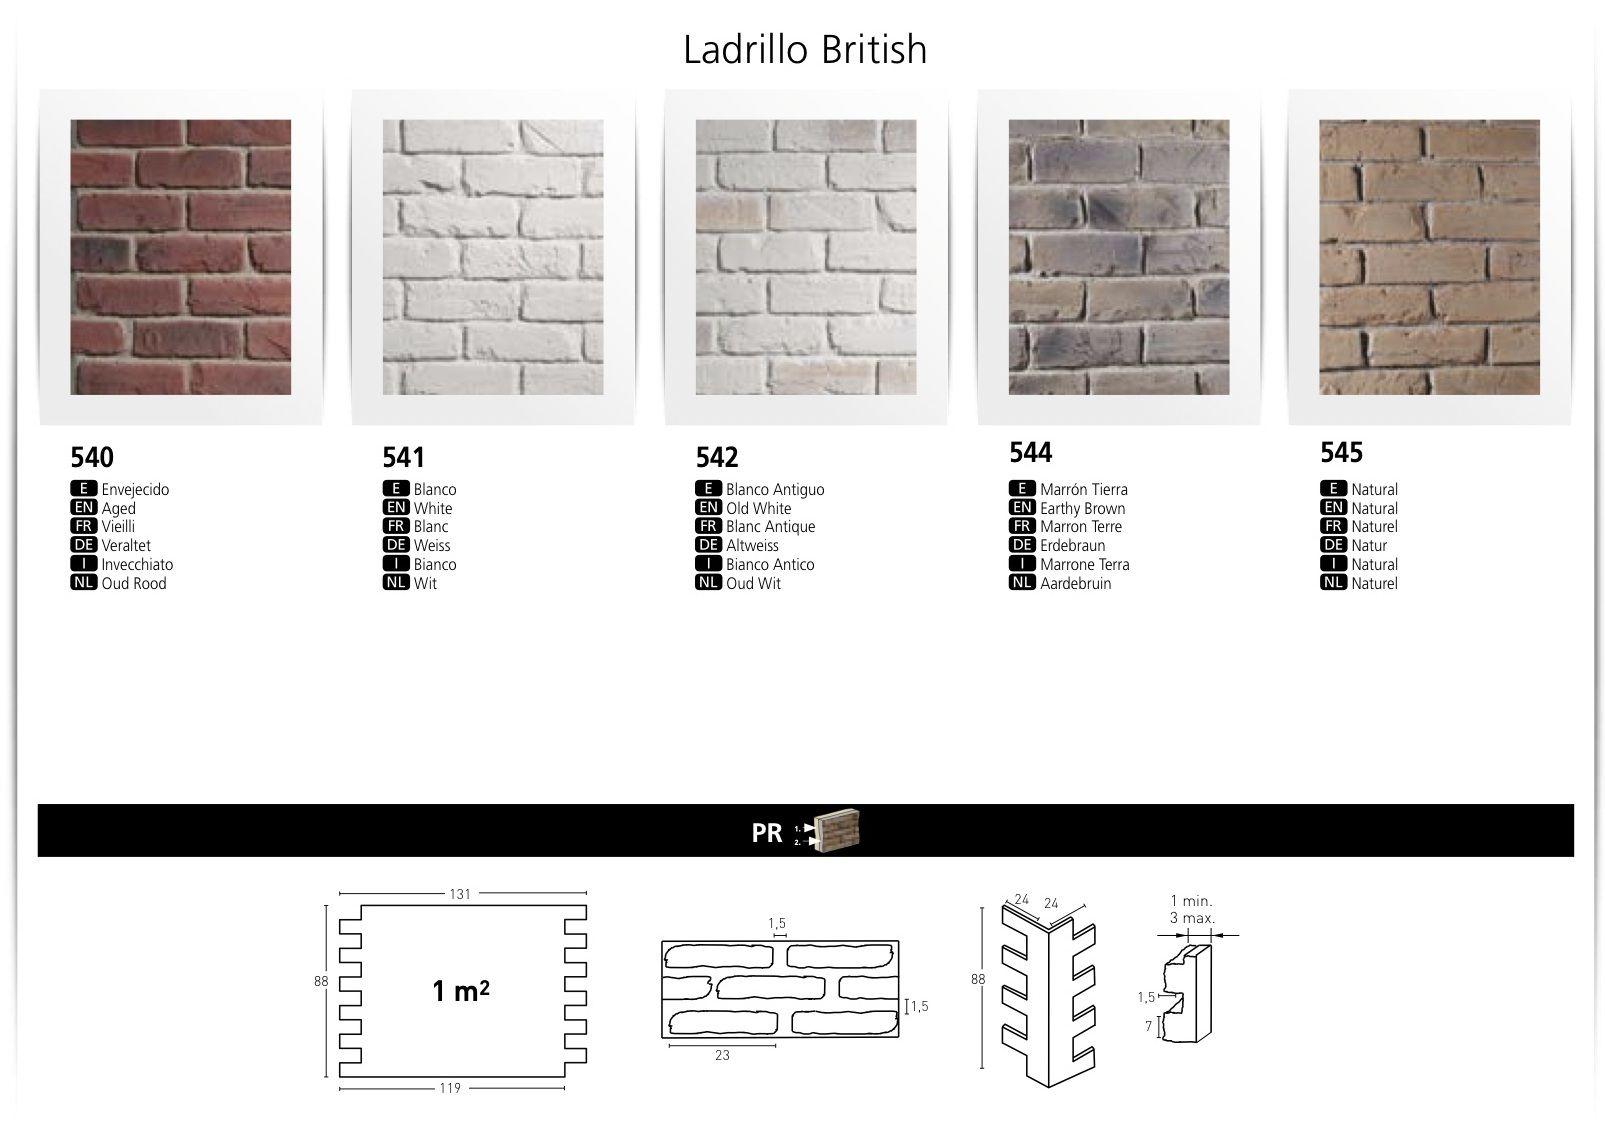 LADRILLO BRITISH FAUX BRICK WALL BOARDS